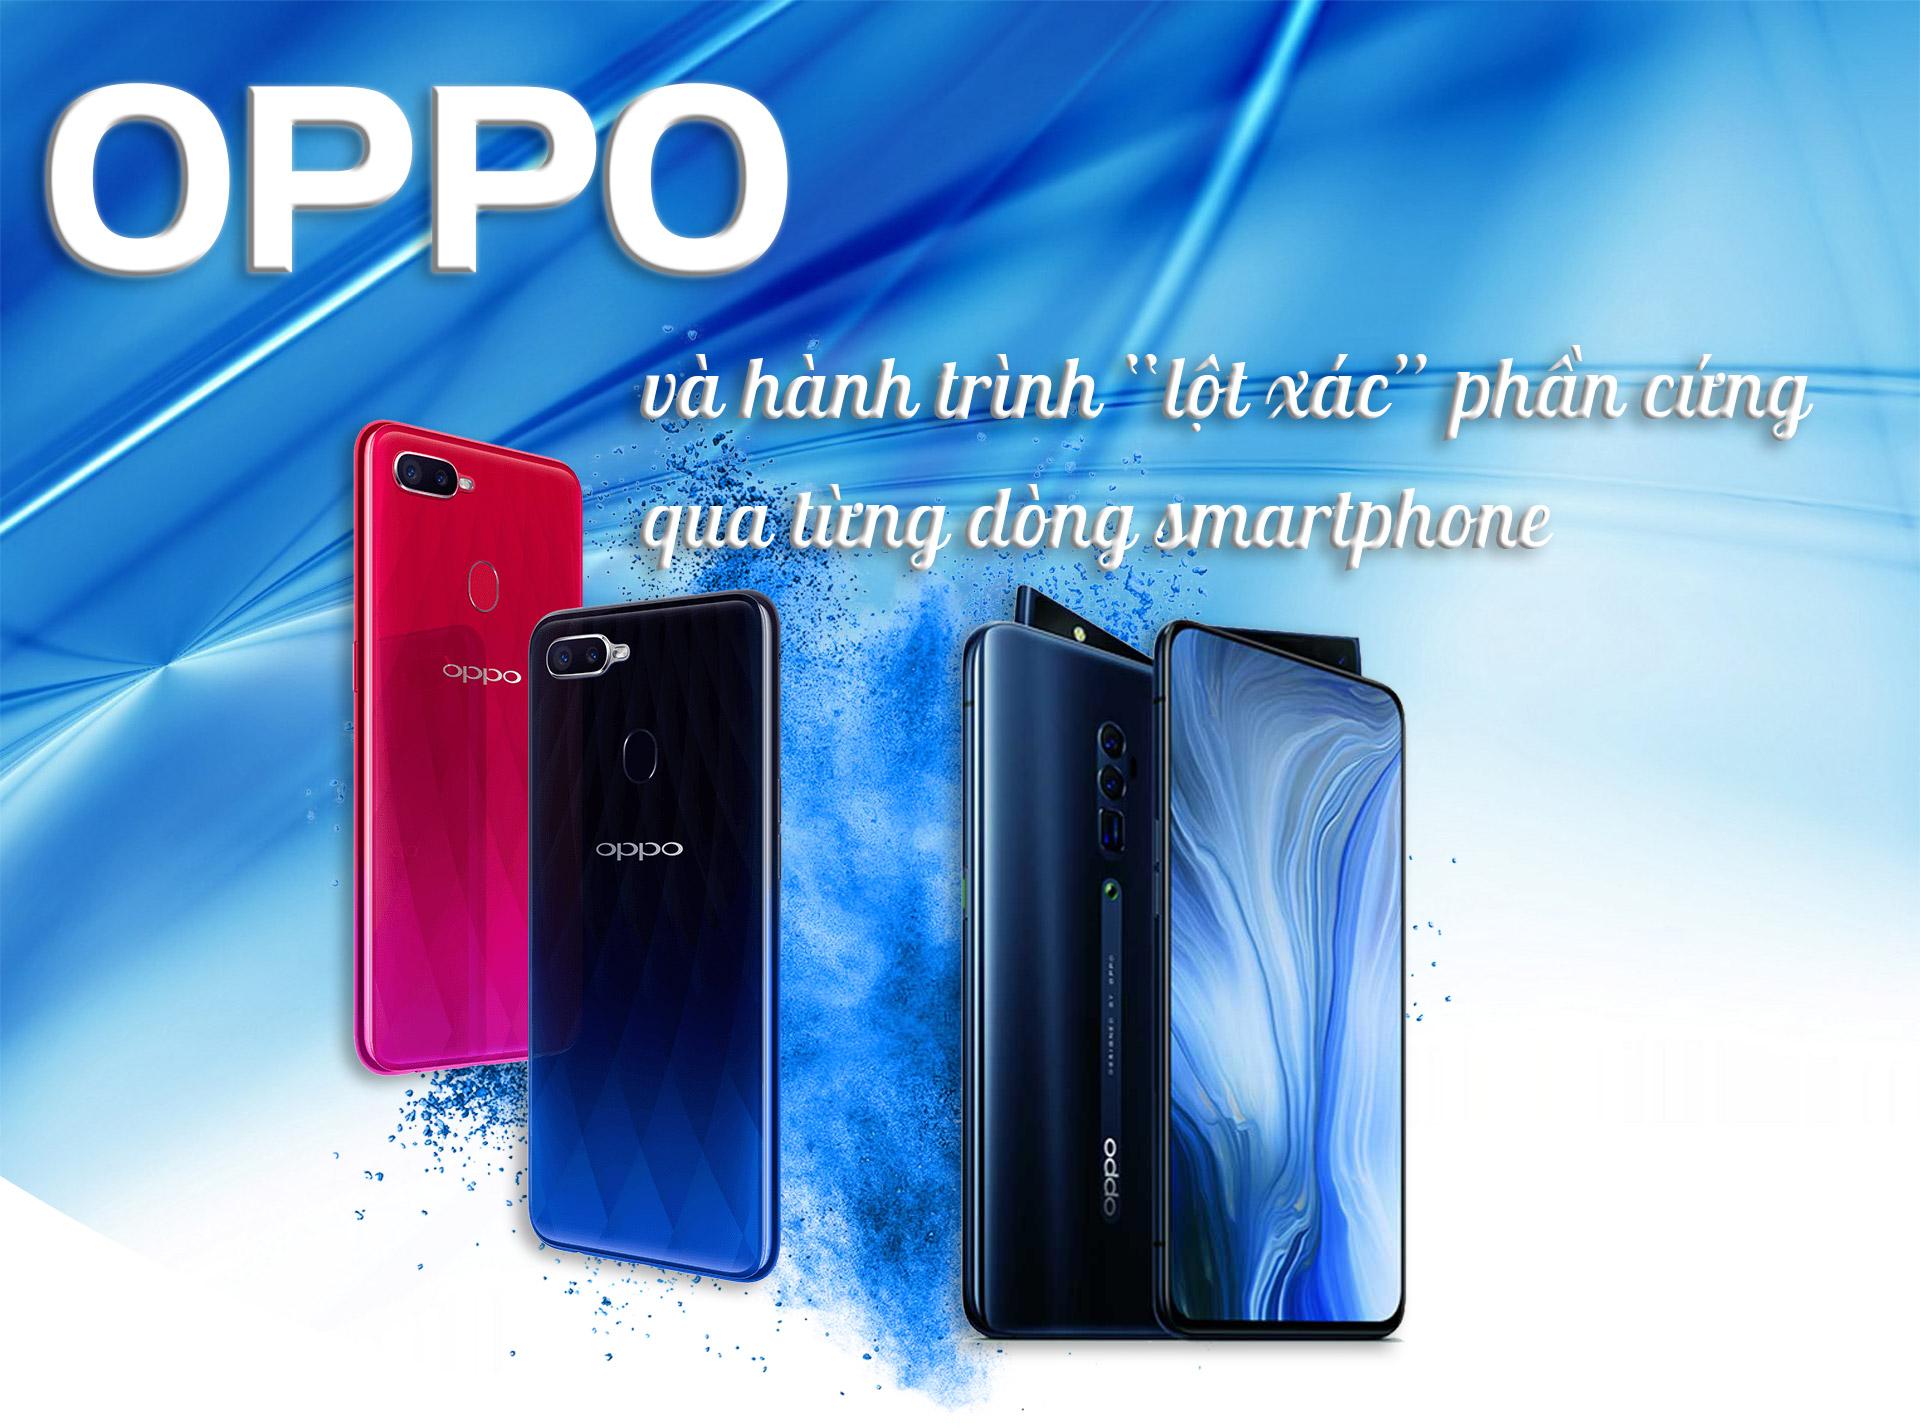 """OPPO và hành trình """"lột xác"""" phần cứng qua từng dòng smartphone - 1"""